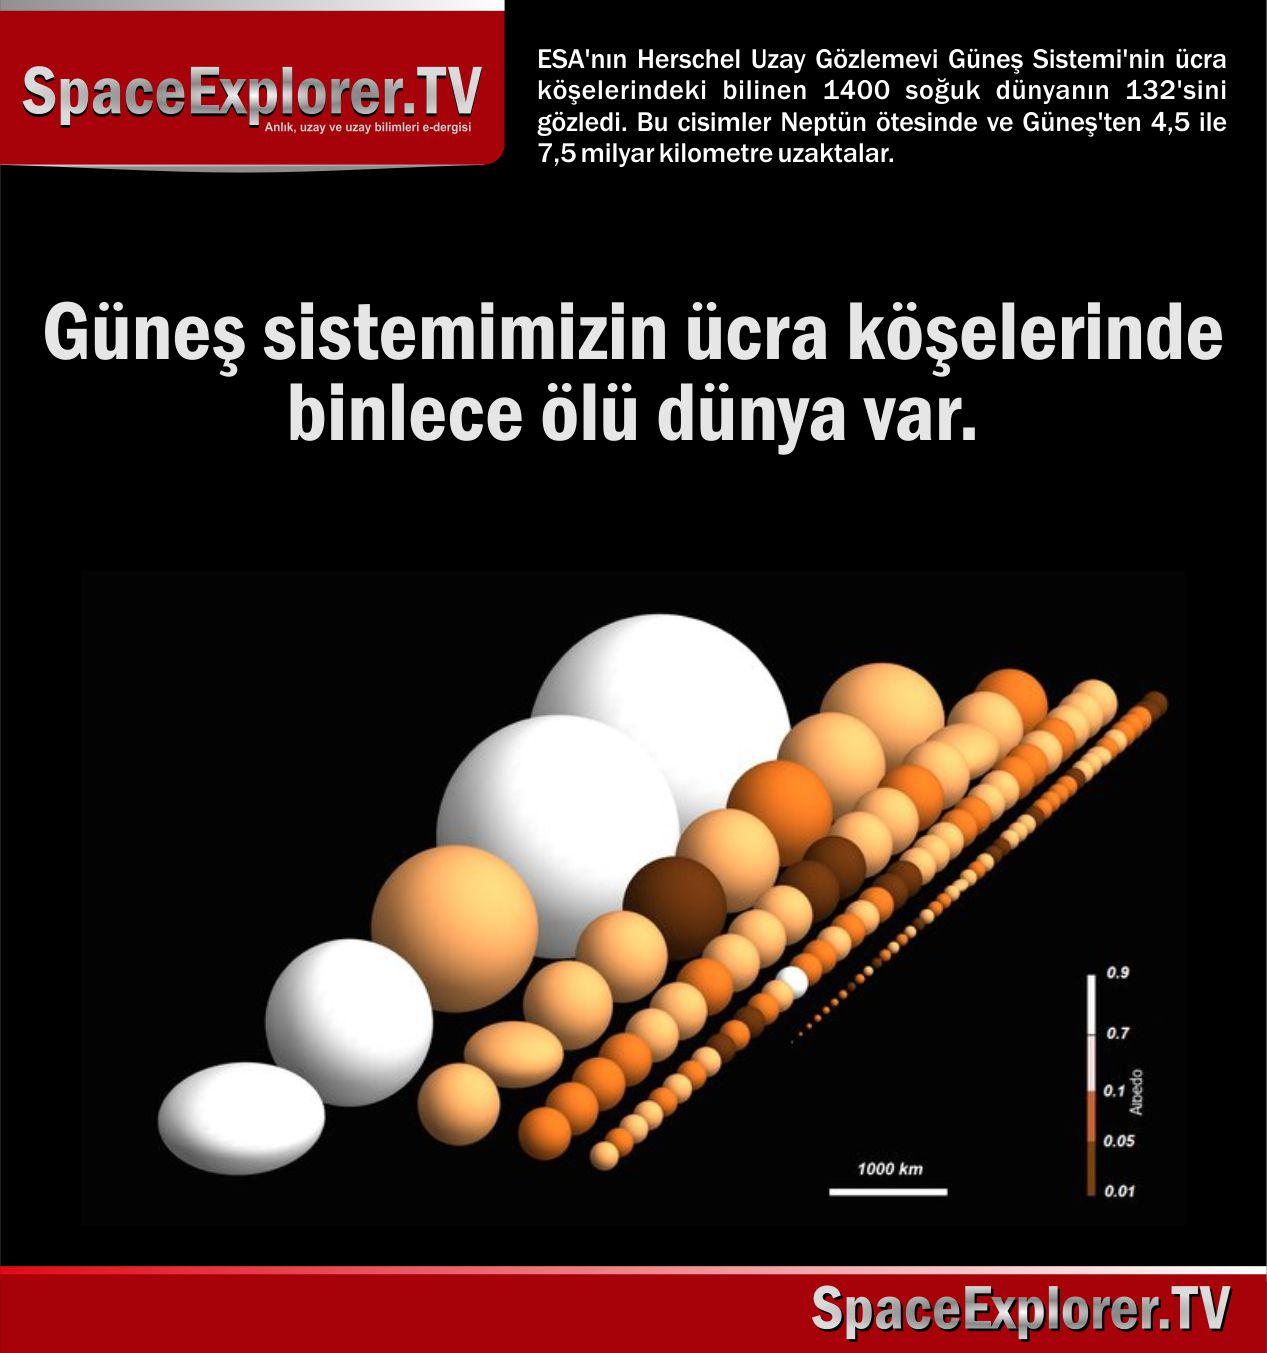 ESA, Herschel Uzay Gözlemevi, Soğuk dünyalar, Güneş sistemi, Neptün, Space Explorer, Avrupa Uzay Ajansı,